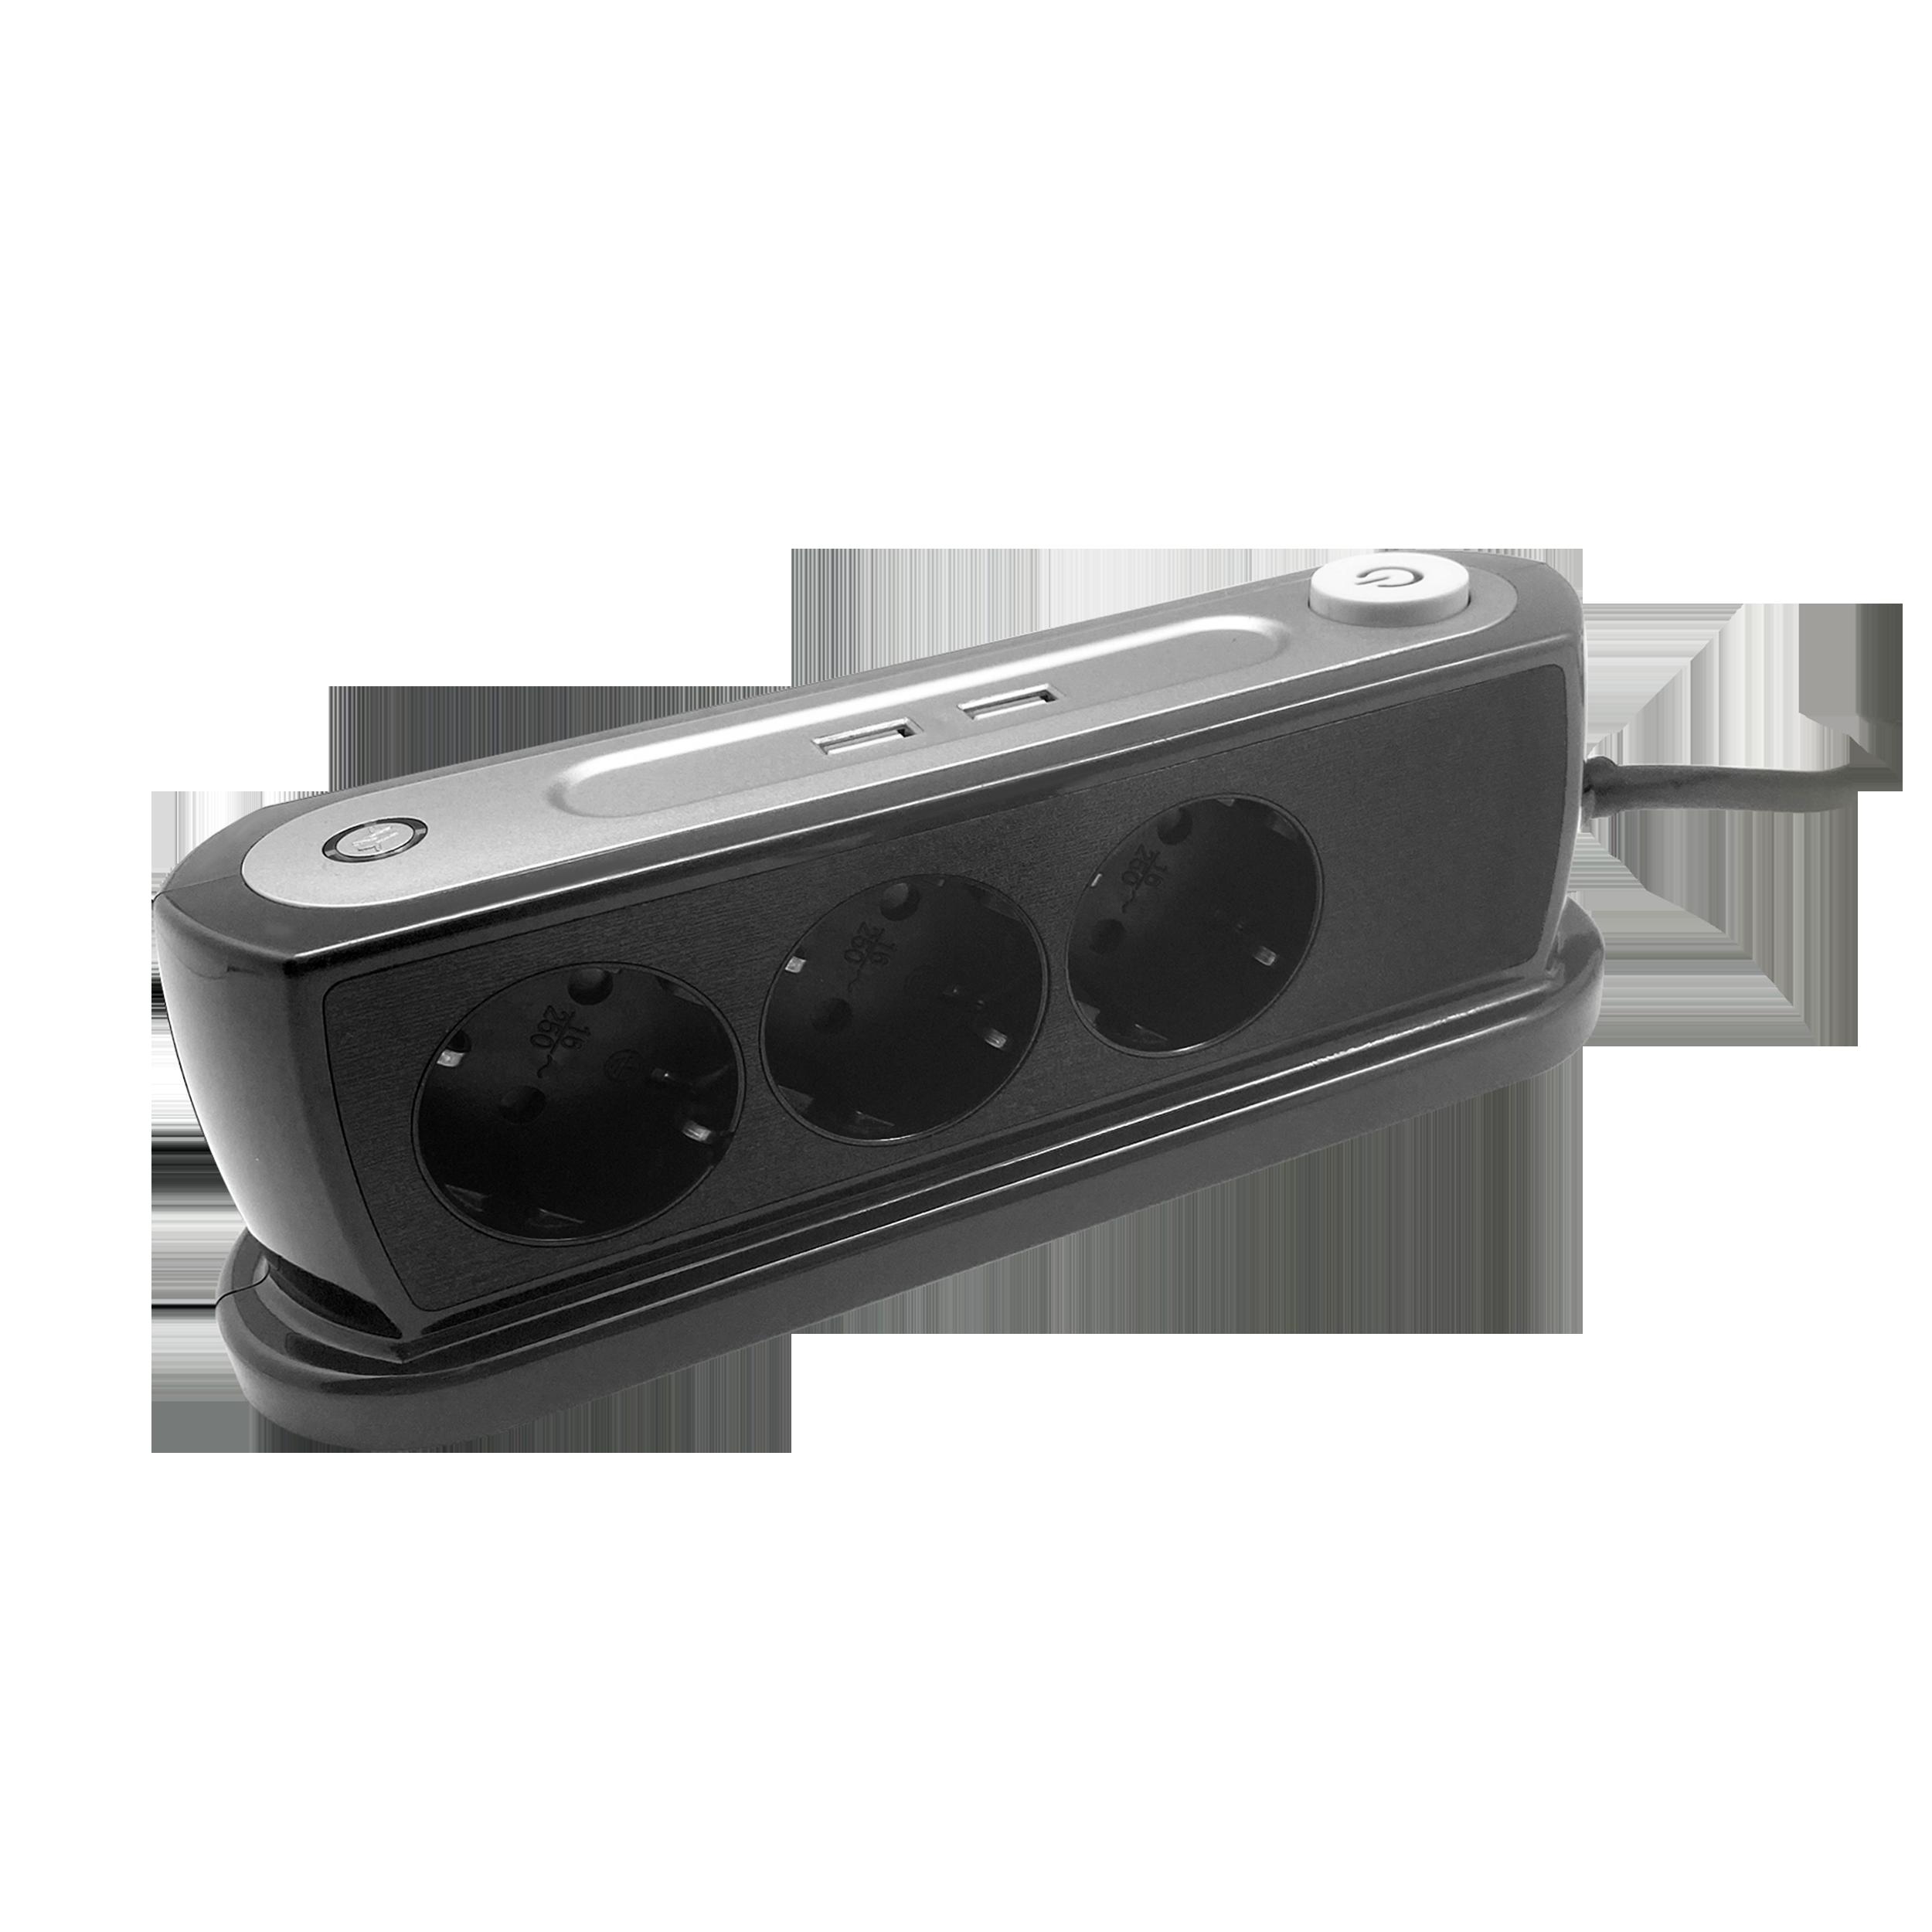 Listwa zasilająca nabiurkowa z wyłącznikiem 3x2P+Z, ładowarka 2xUSB 2.4A, Ogranicznik przepięć TYP 3, kabel H05VV-F 3x1,5, długość 1,4m , czarny